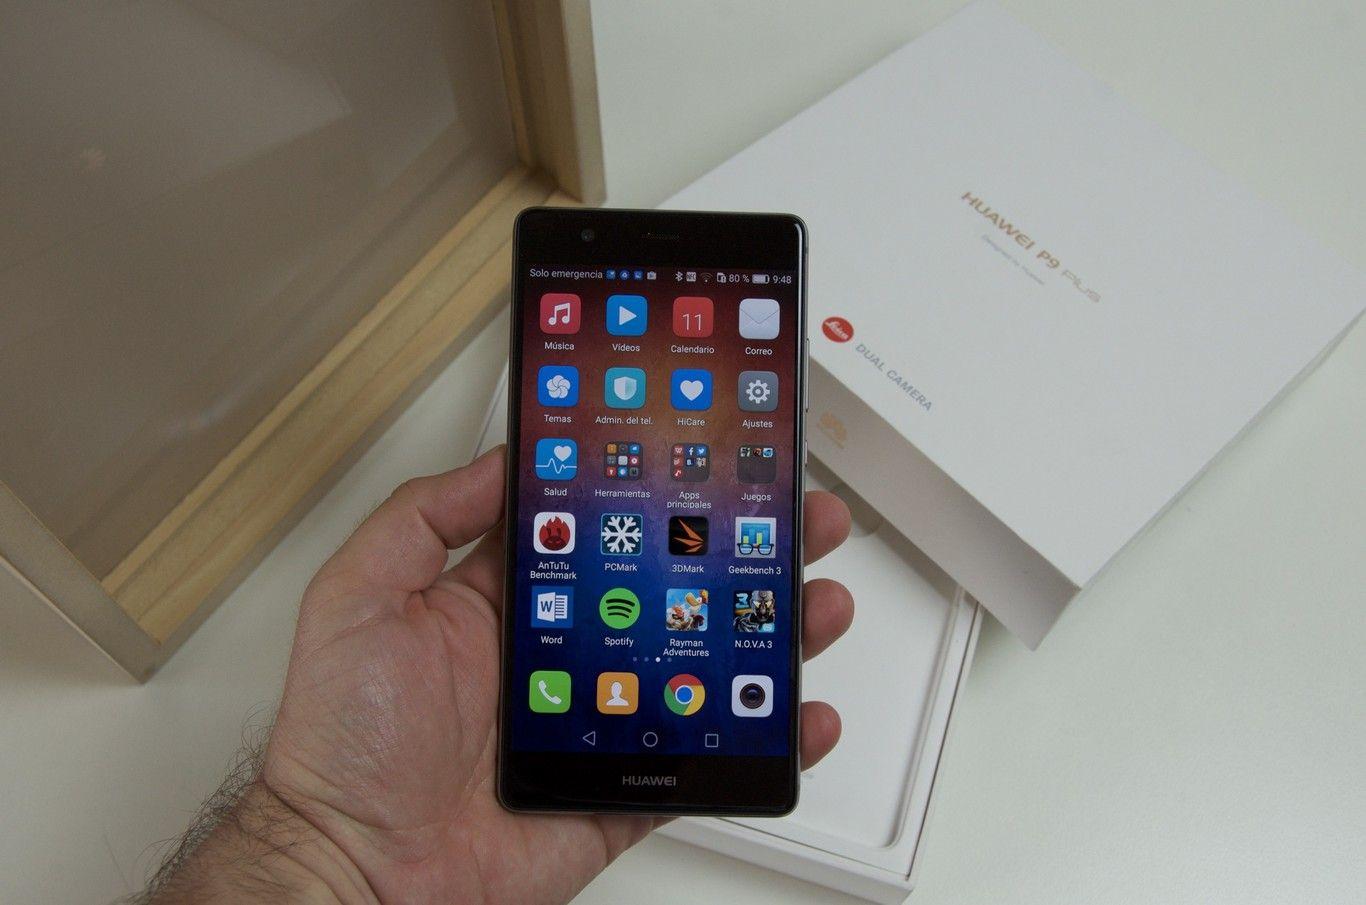 ¿Actualizará mi móvil a Android 7.0 Nougat? ai-blogs-es_c8de0c_huawei_1366_2000-jpg.146532